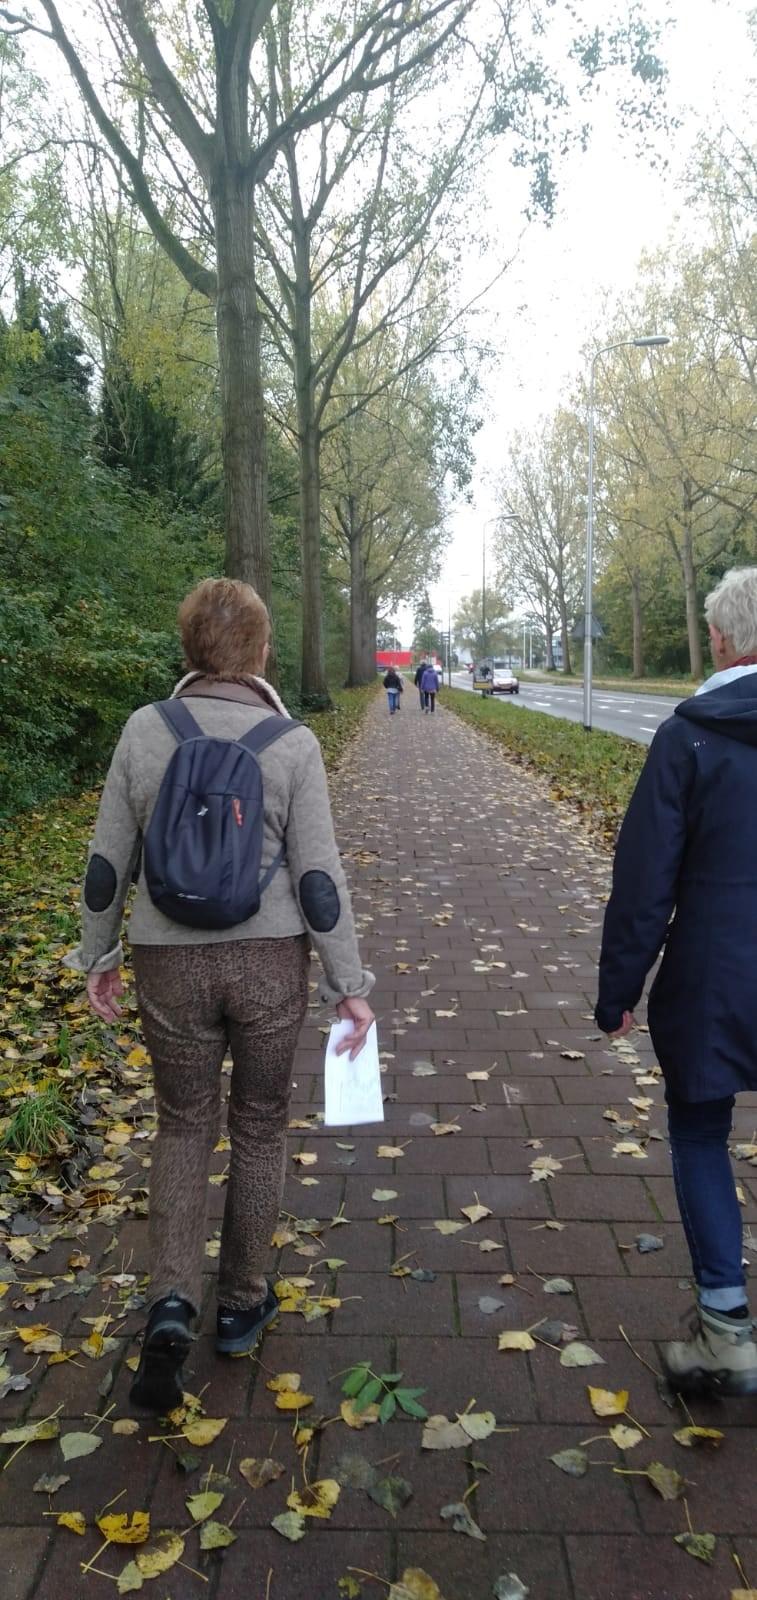 wandelaars in groepjes onderweg